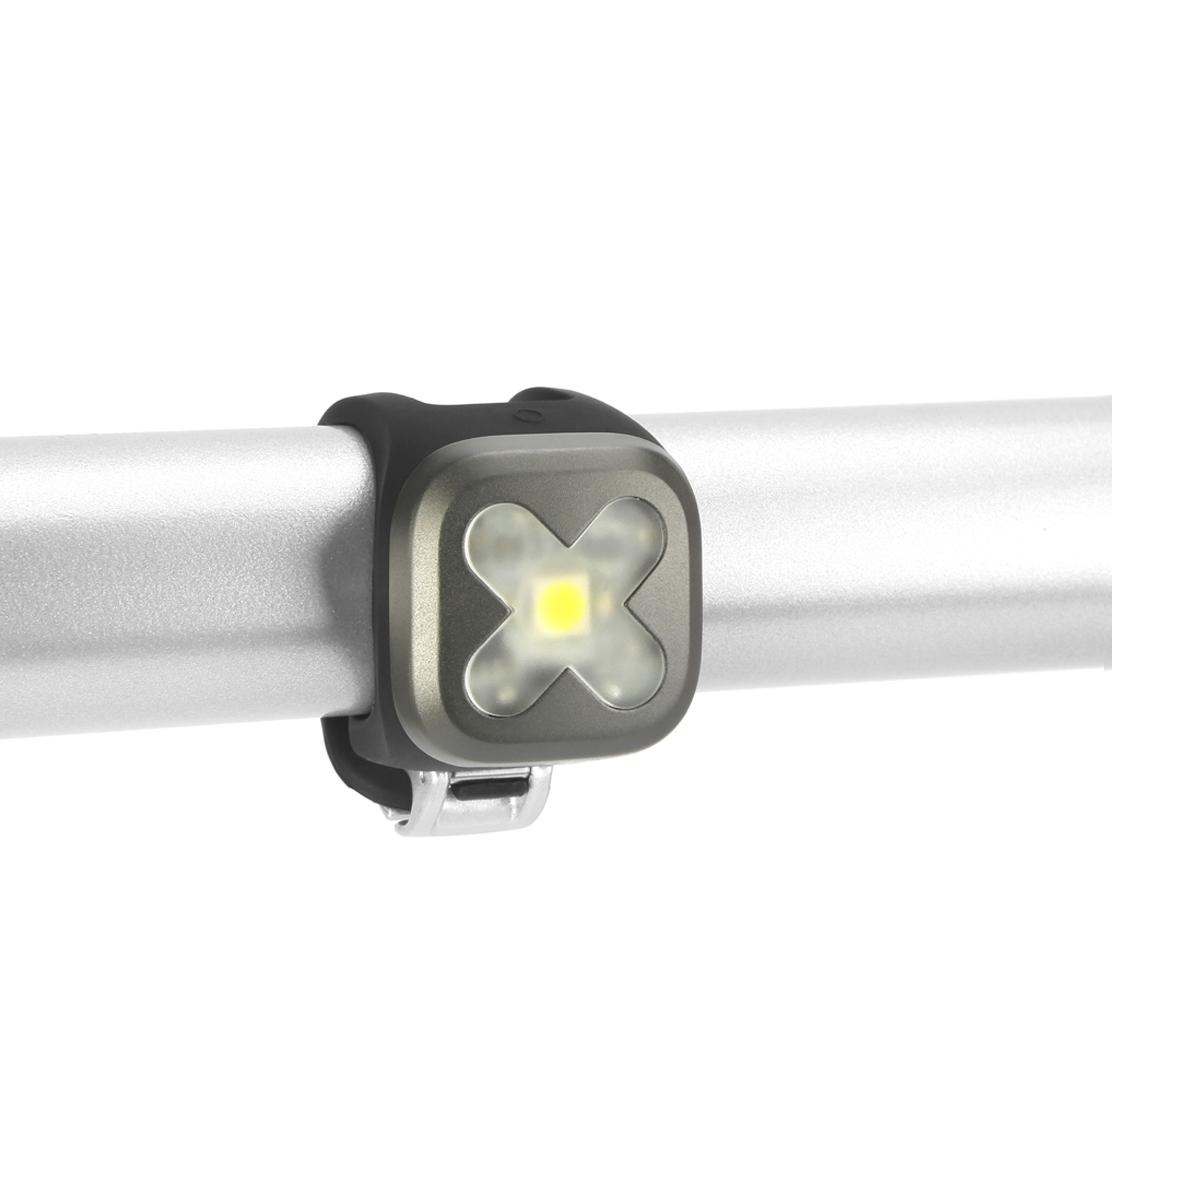 Éclairage avant Knog Blinder Croix 1 LED - Vert Citron